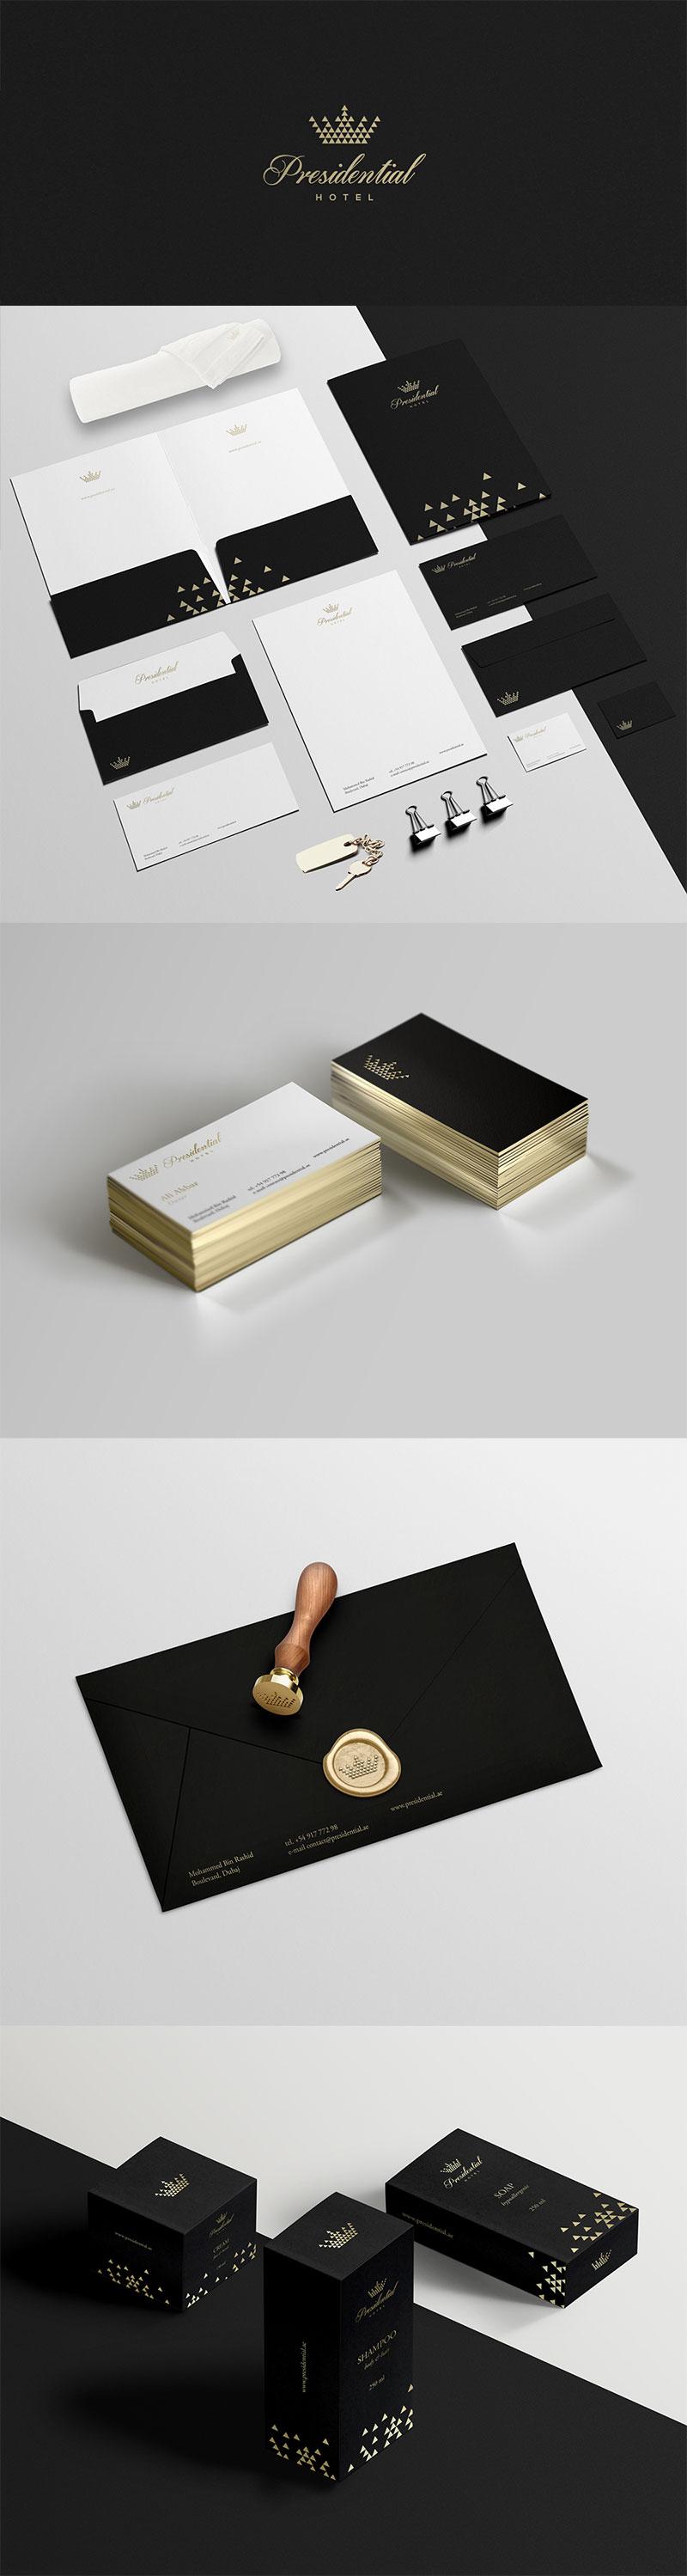 30个酒店品牌视觉形象设计作品集